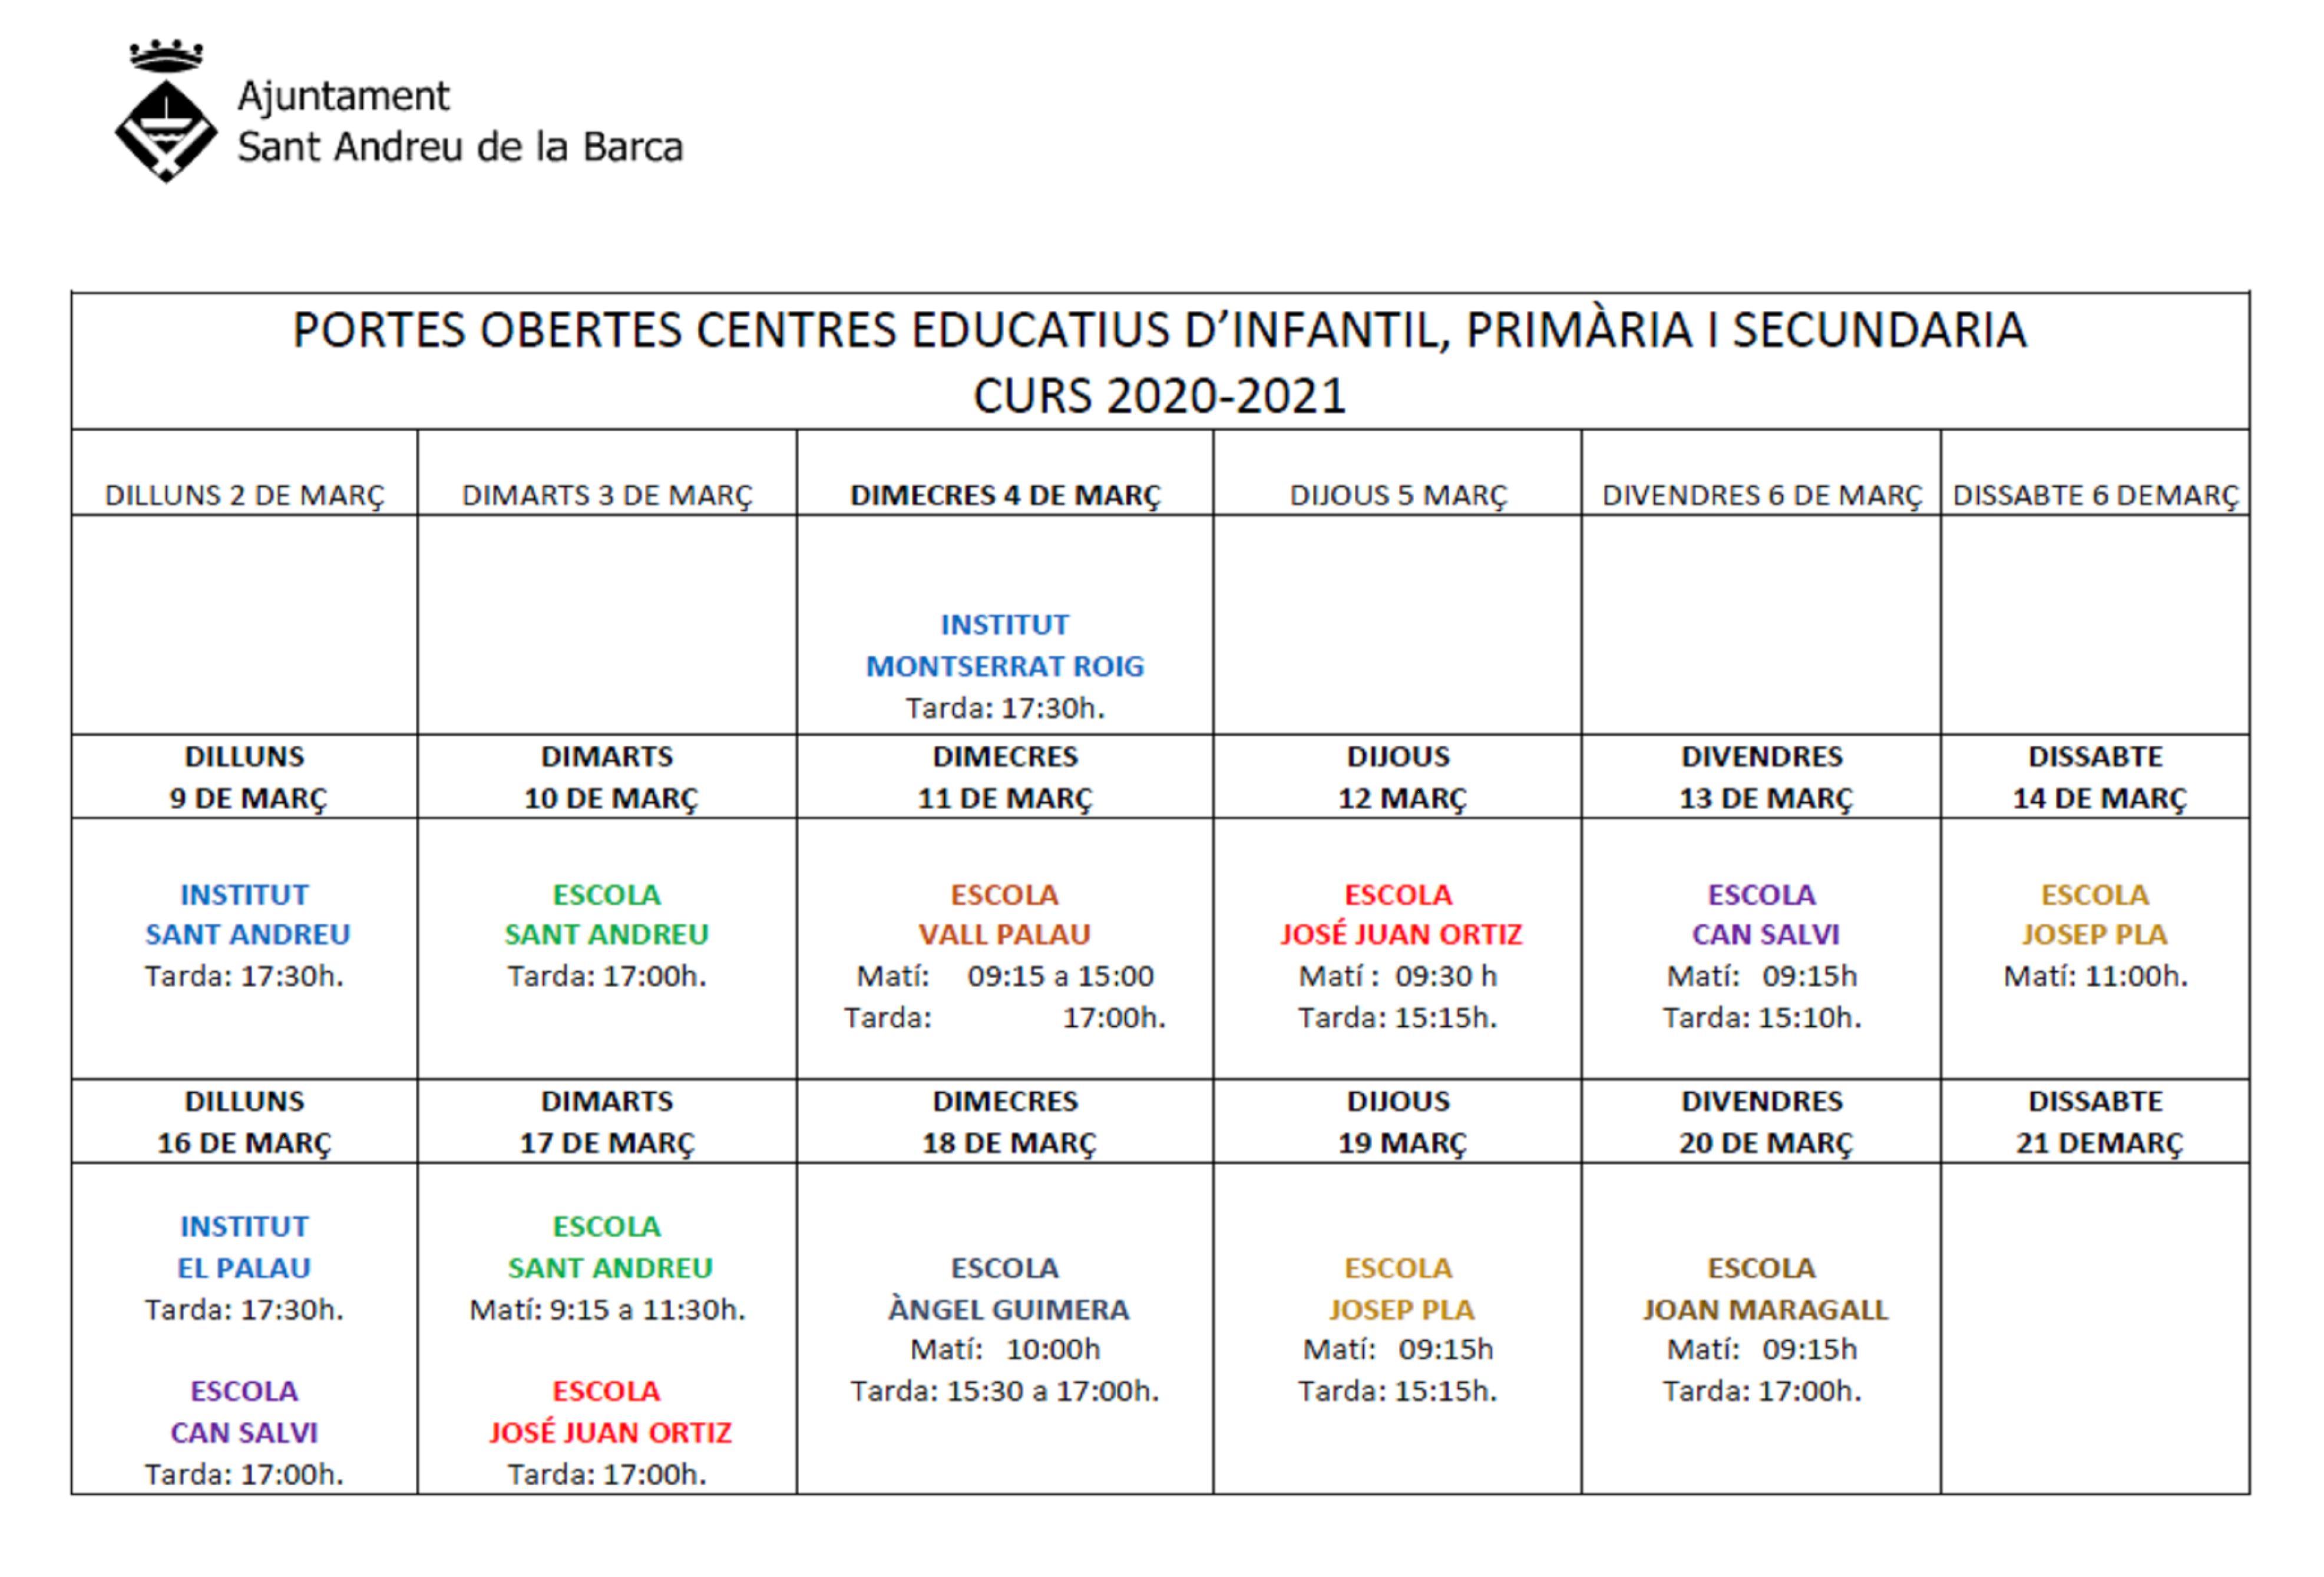 calendari jornades obertes escoles